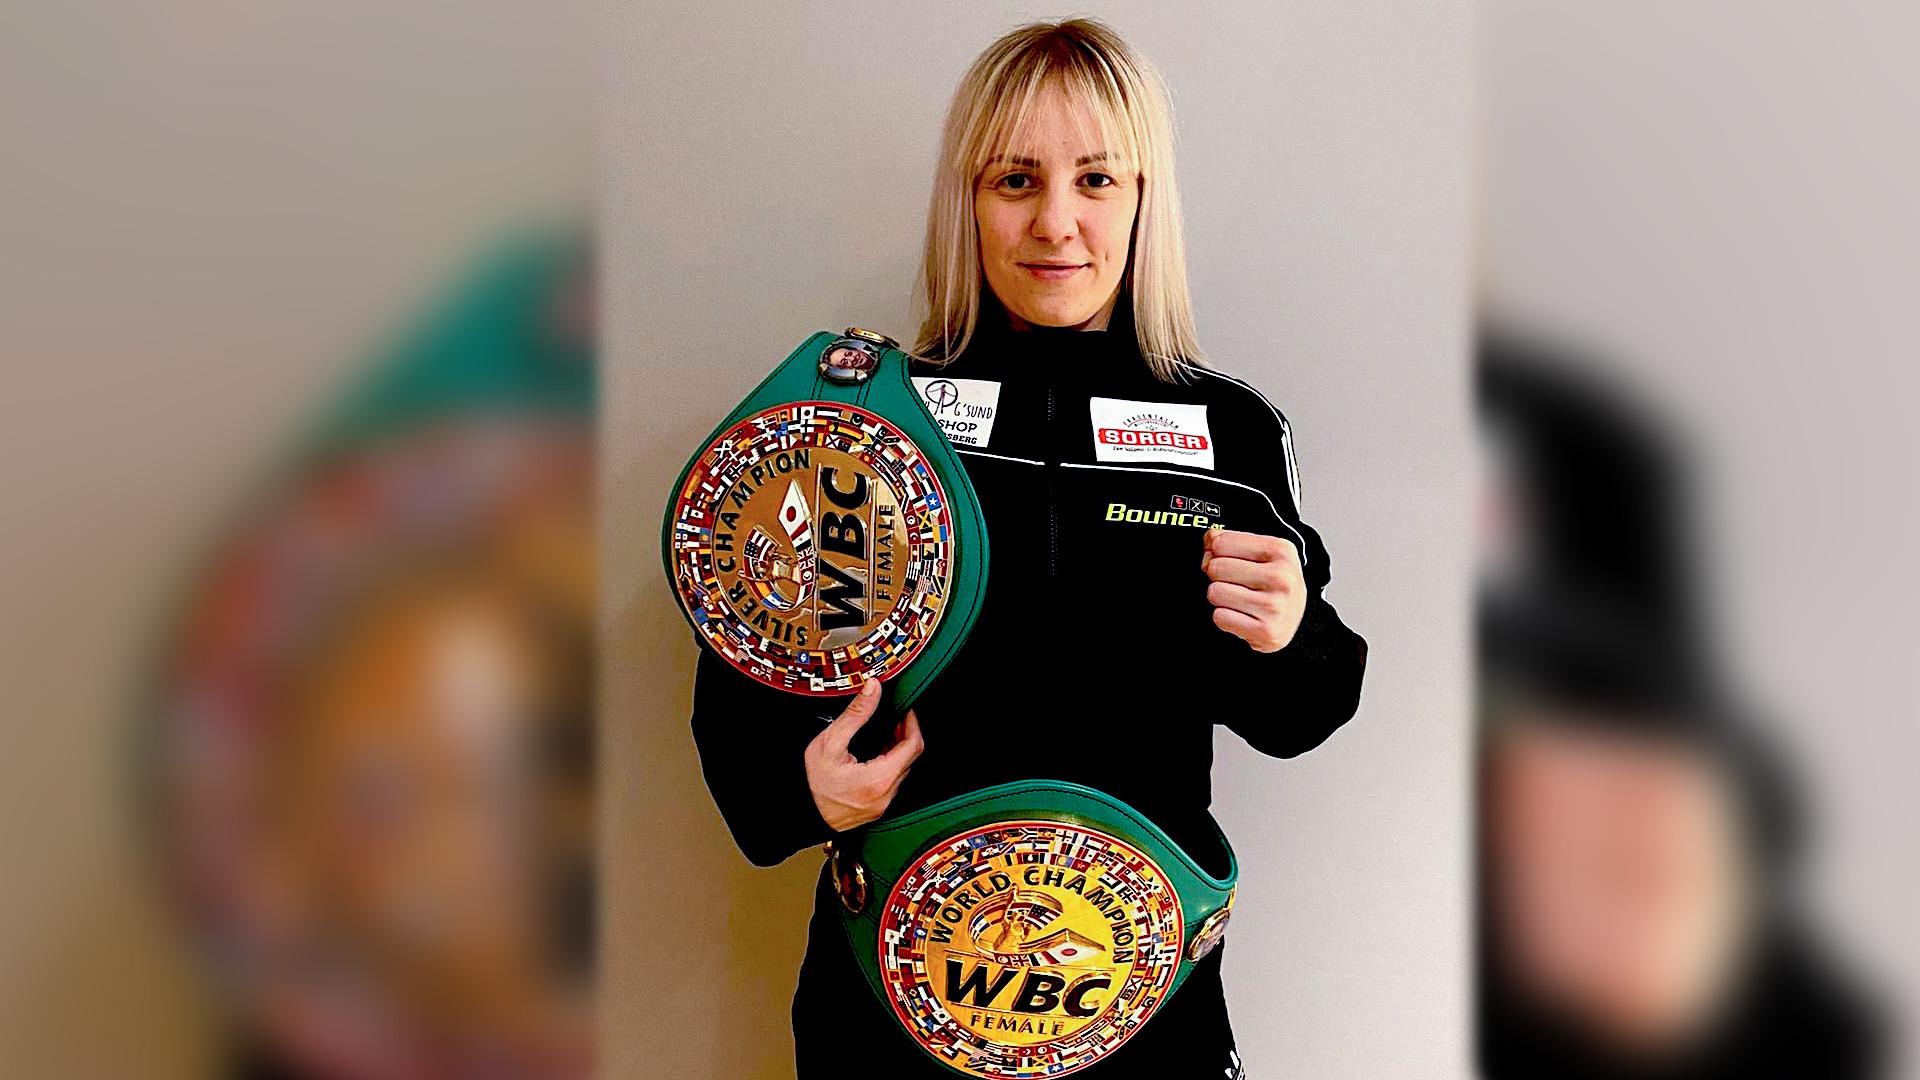 Eva Voraberger | bekannt als GoldenBaby | wechselt zu BC Bounce | Trainiert mit Daniel Nader | Premiere Bounce Fight Night am 6. Juni 2020